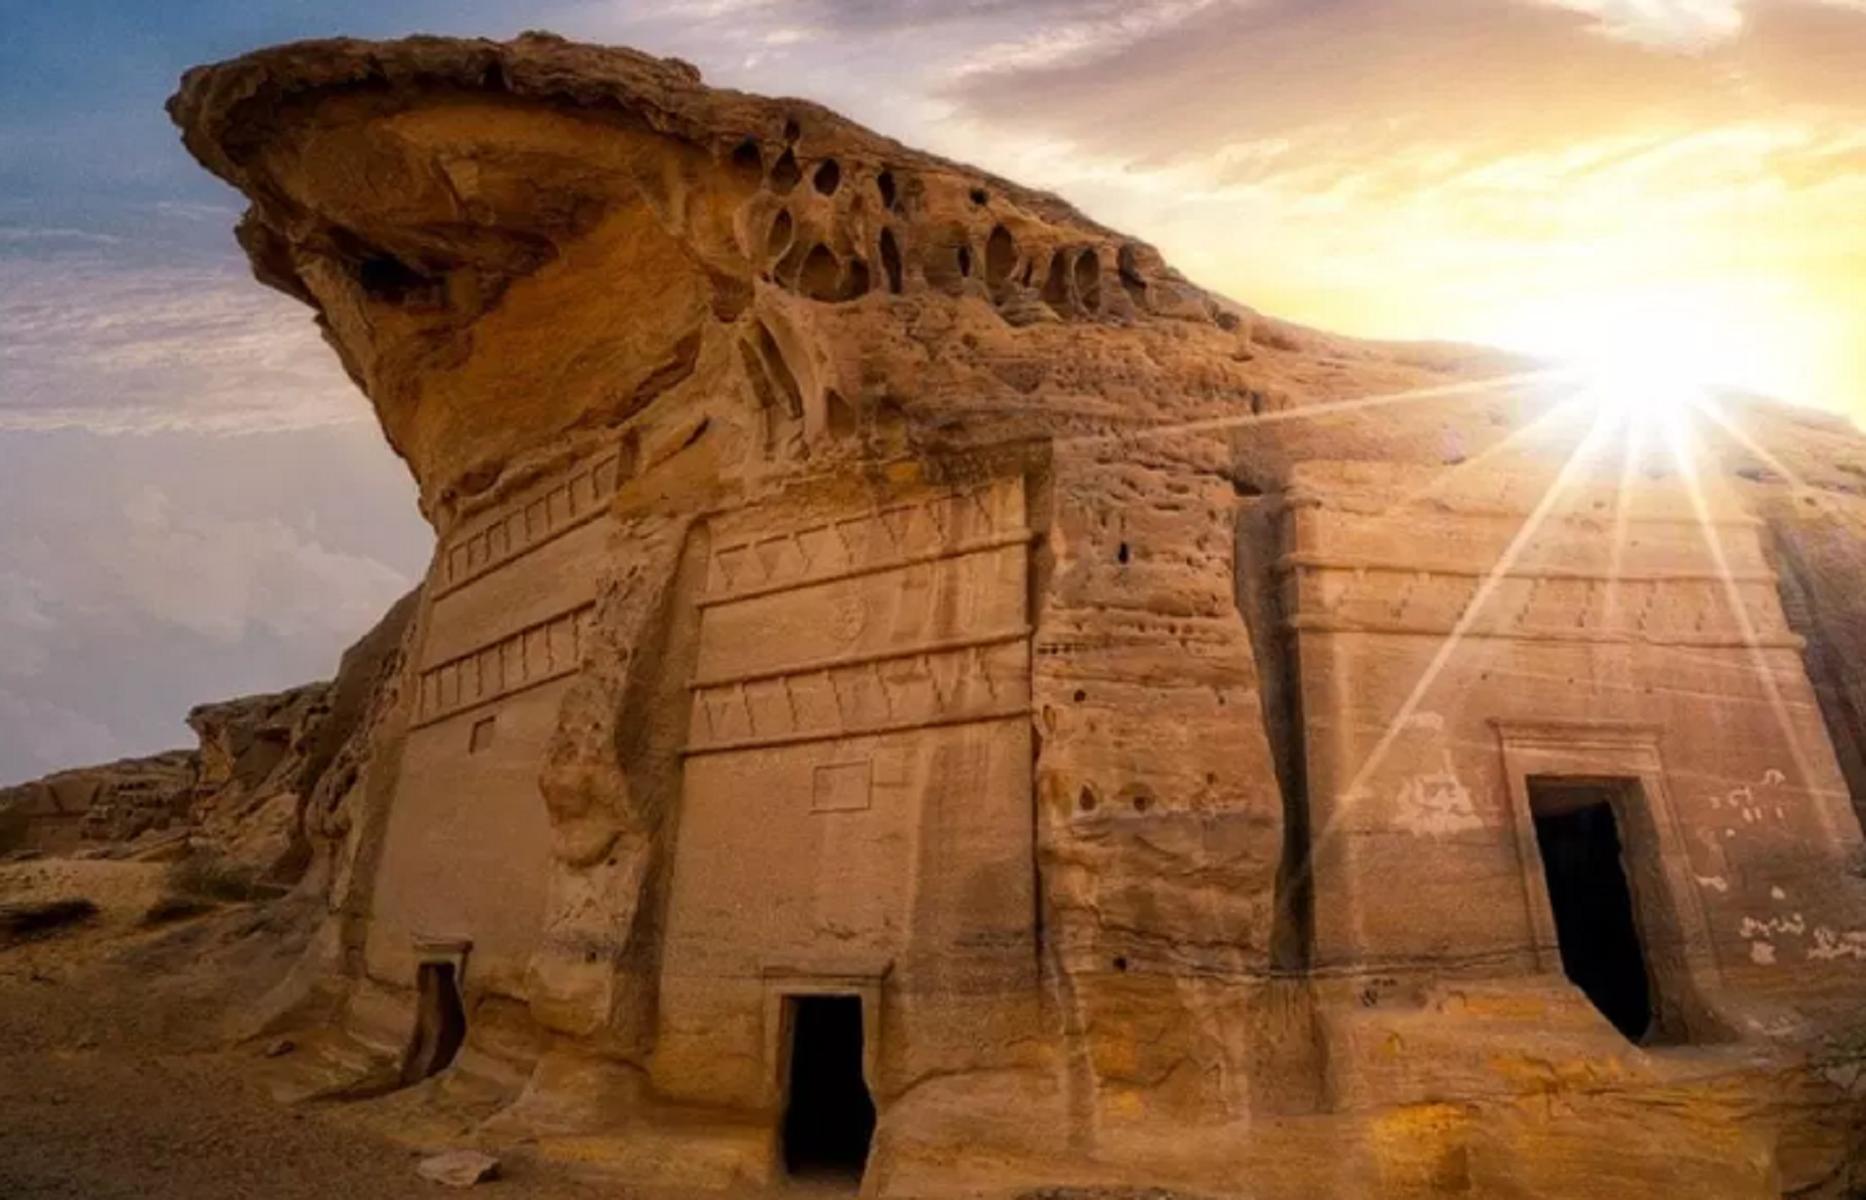 Nasce una sala concerti tra le tombe antiche dell'Arabia Saudita